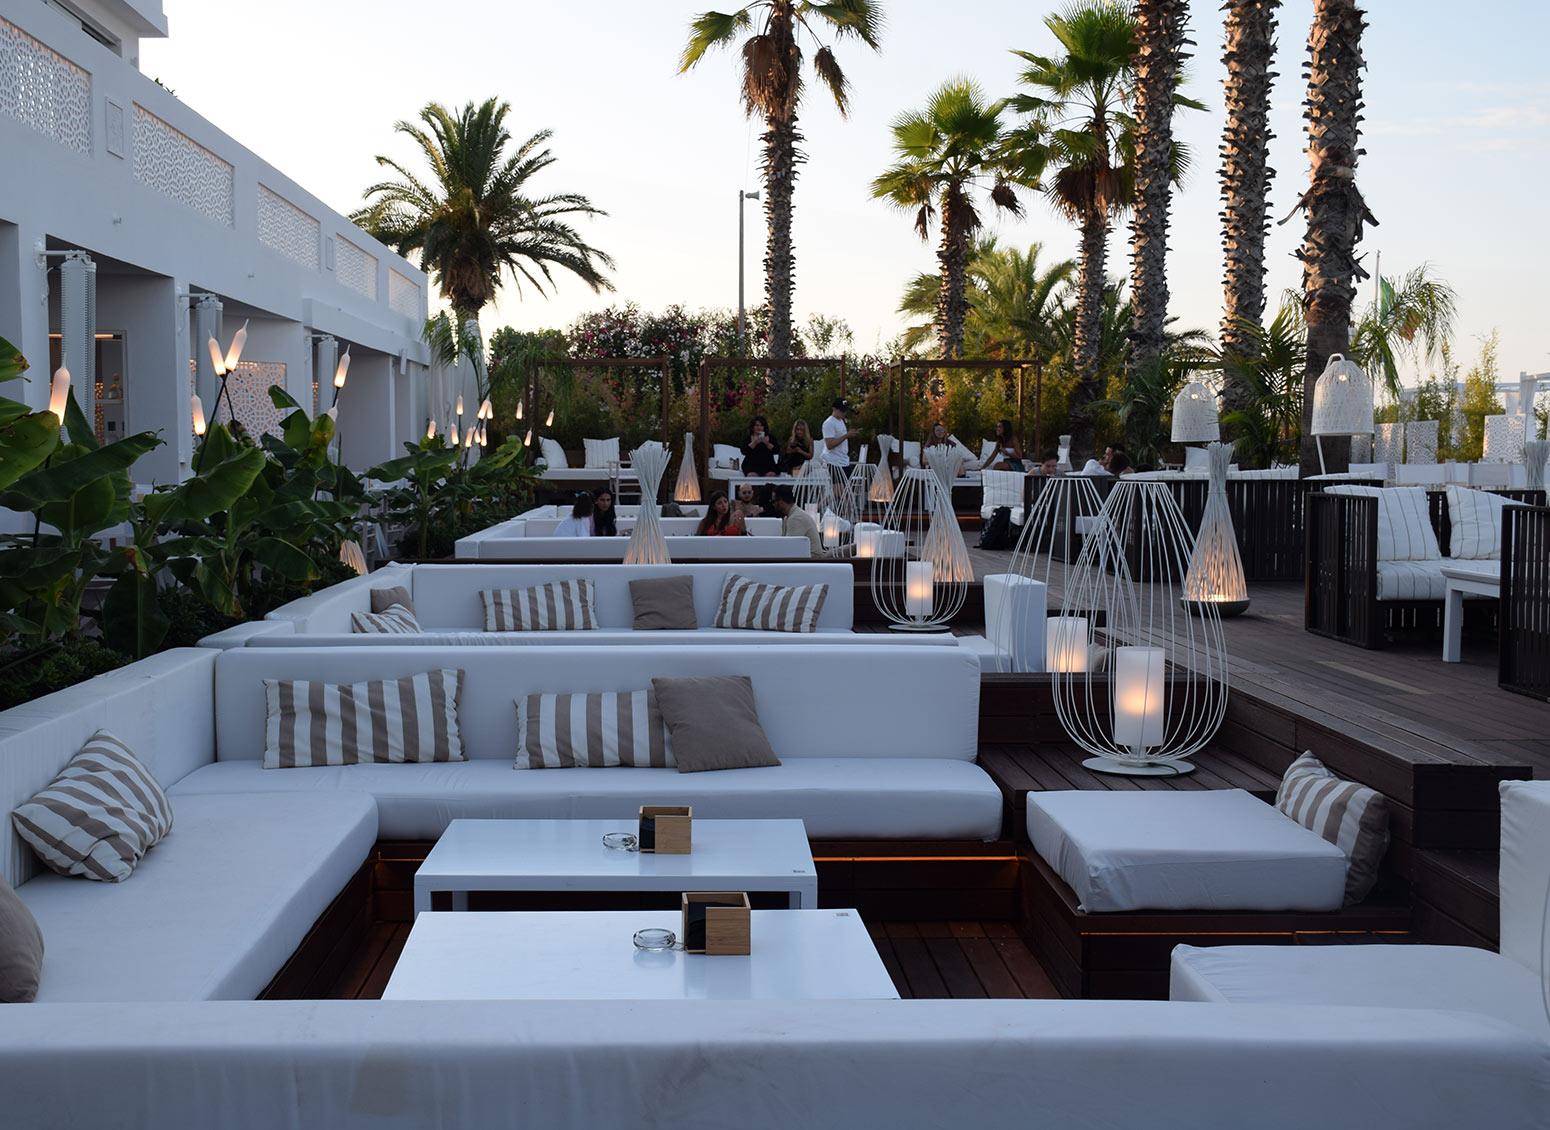 Consigli di illuminazione: creare un'atmosfera magica per bar e ristoranti all'aperto